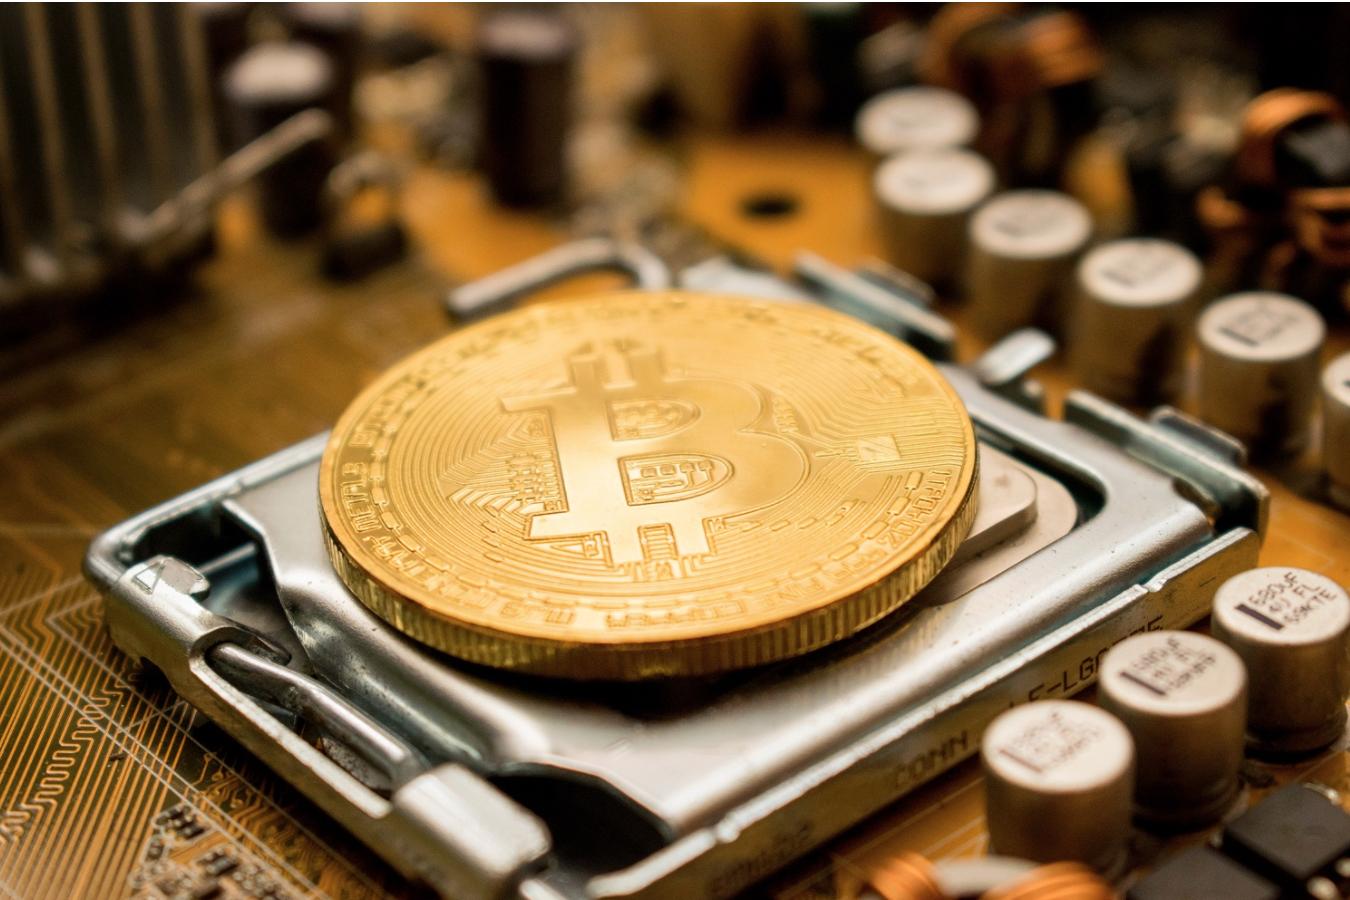 20. 000 bitcoin miners